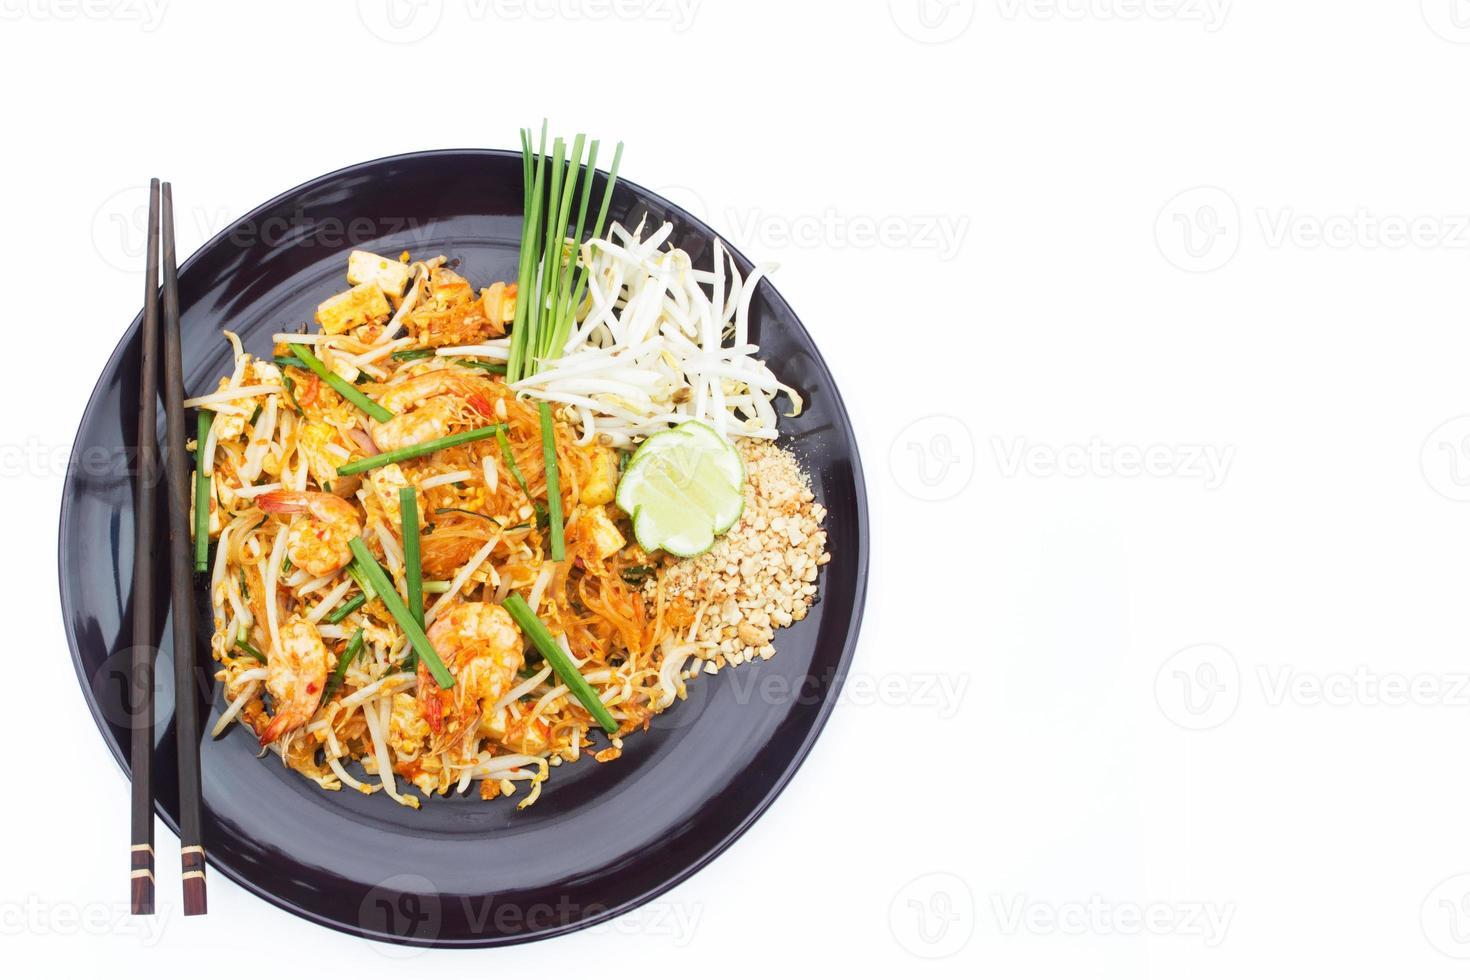 rilievo di alimento tailandese tailandese. foto